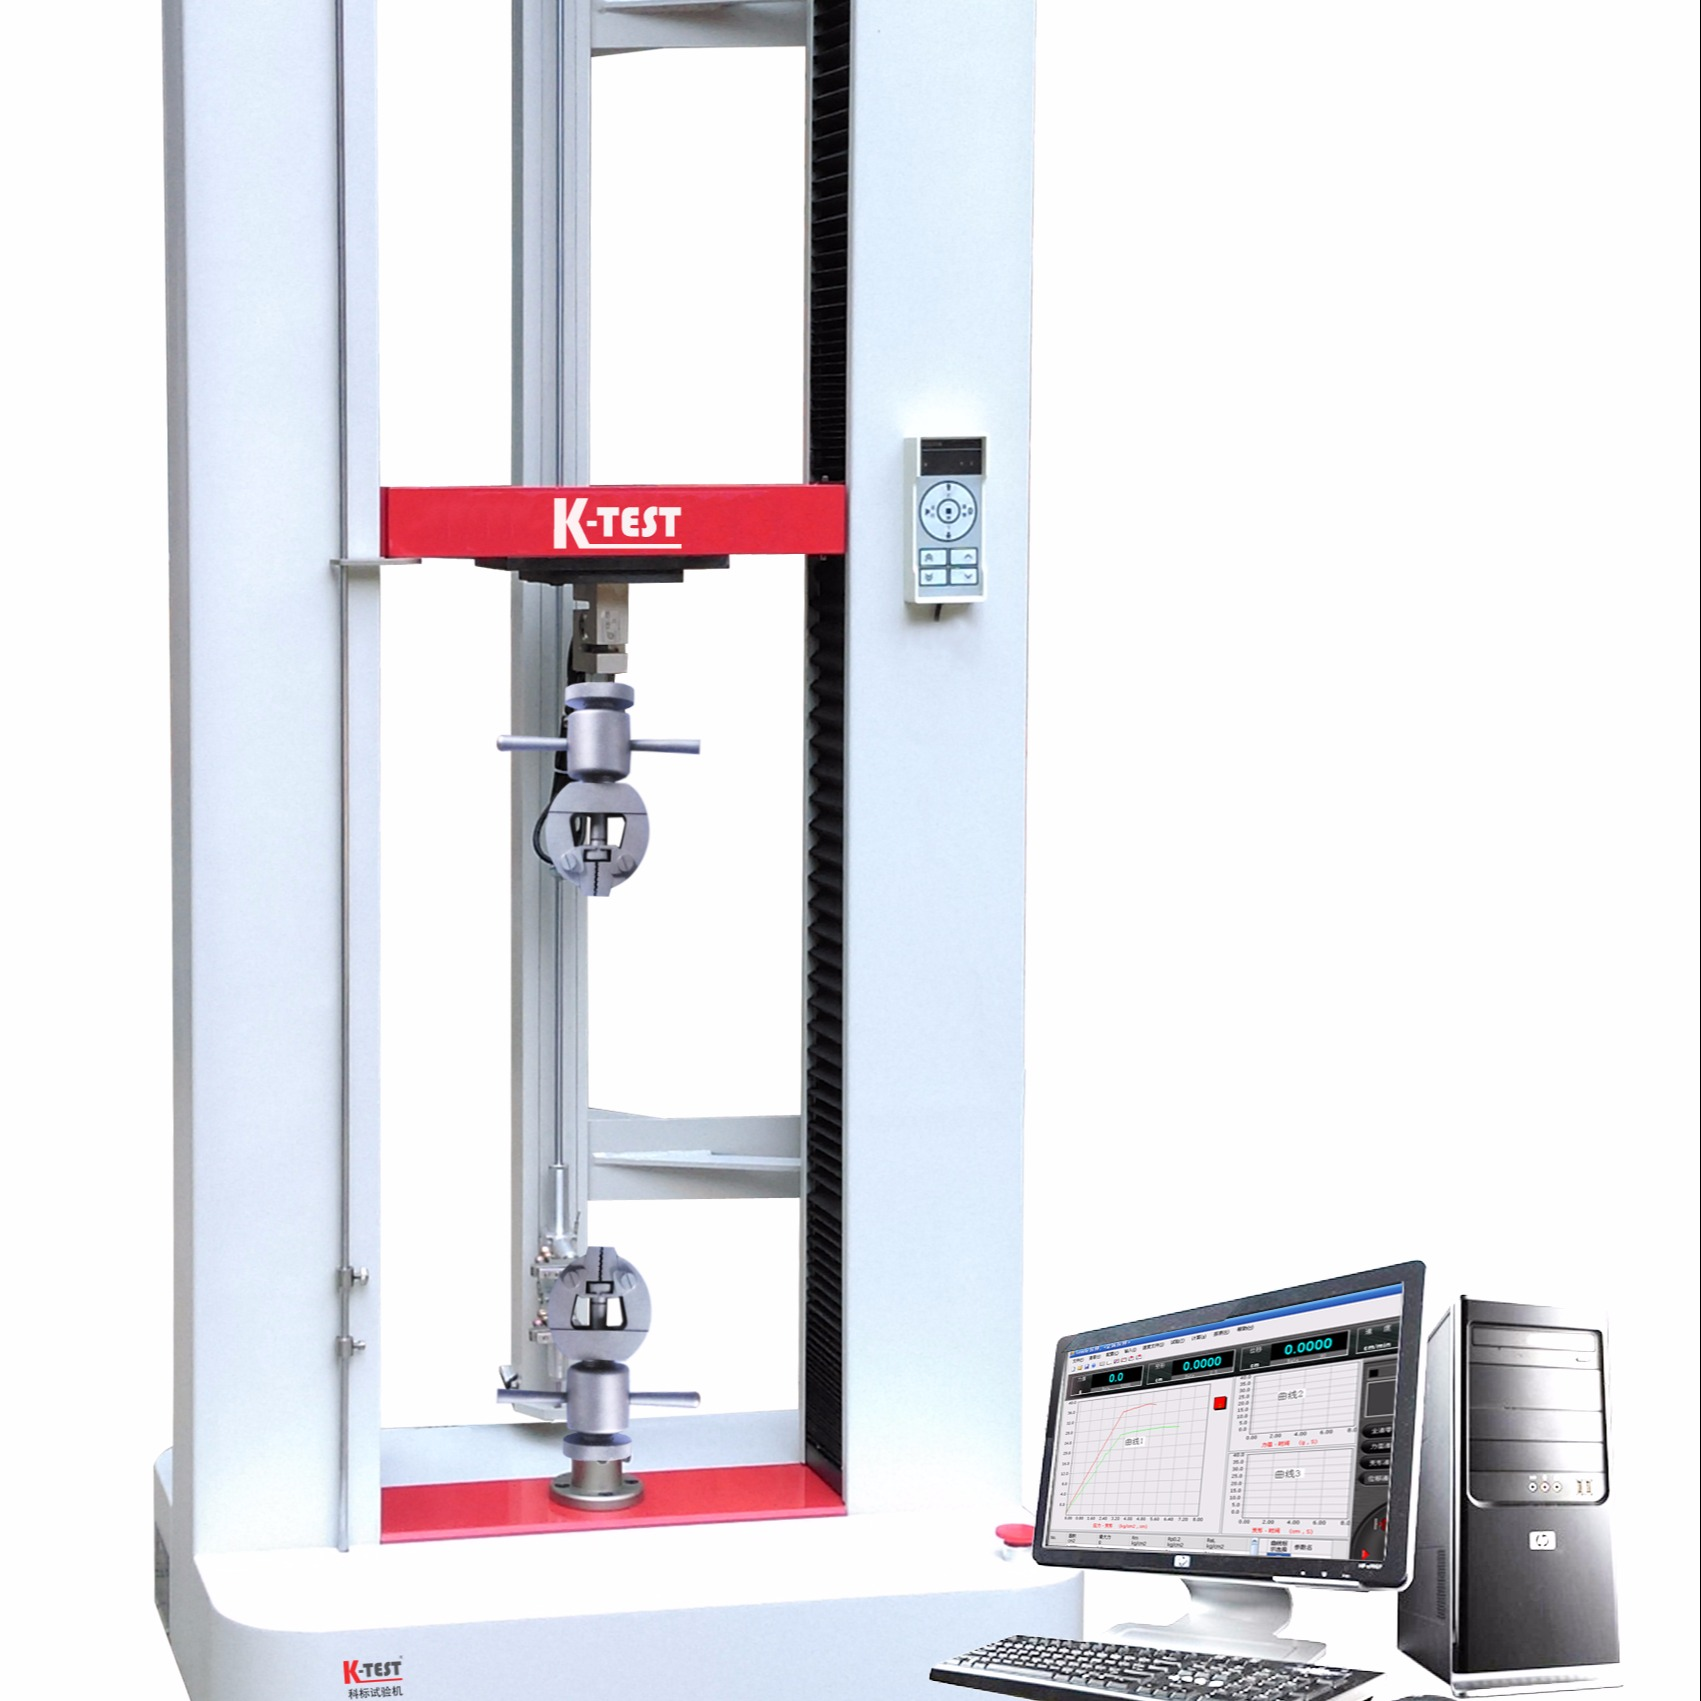 供应PE检测设备电子万能试验机,拉力机,塑料拉伸强度,塑料断裂伸长率测试,20kn电子万能试验机,塑料管材拉伸性能